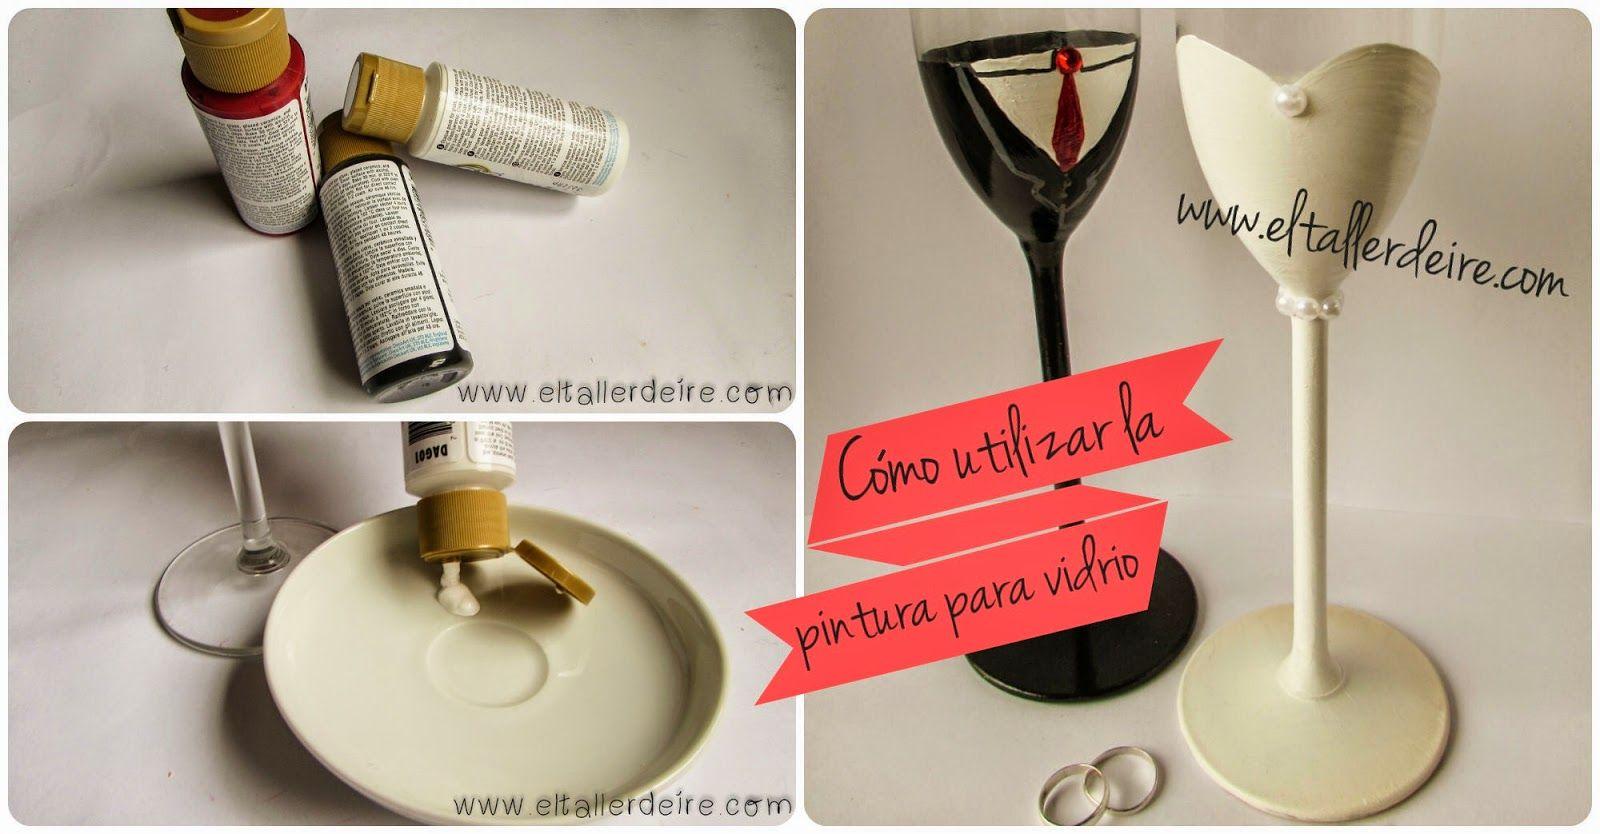 Cómo utilizar la pintura opaca para vidrio o porcelana